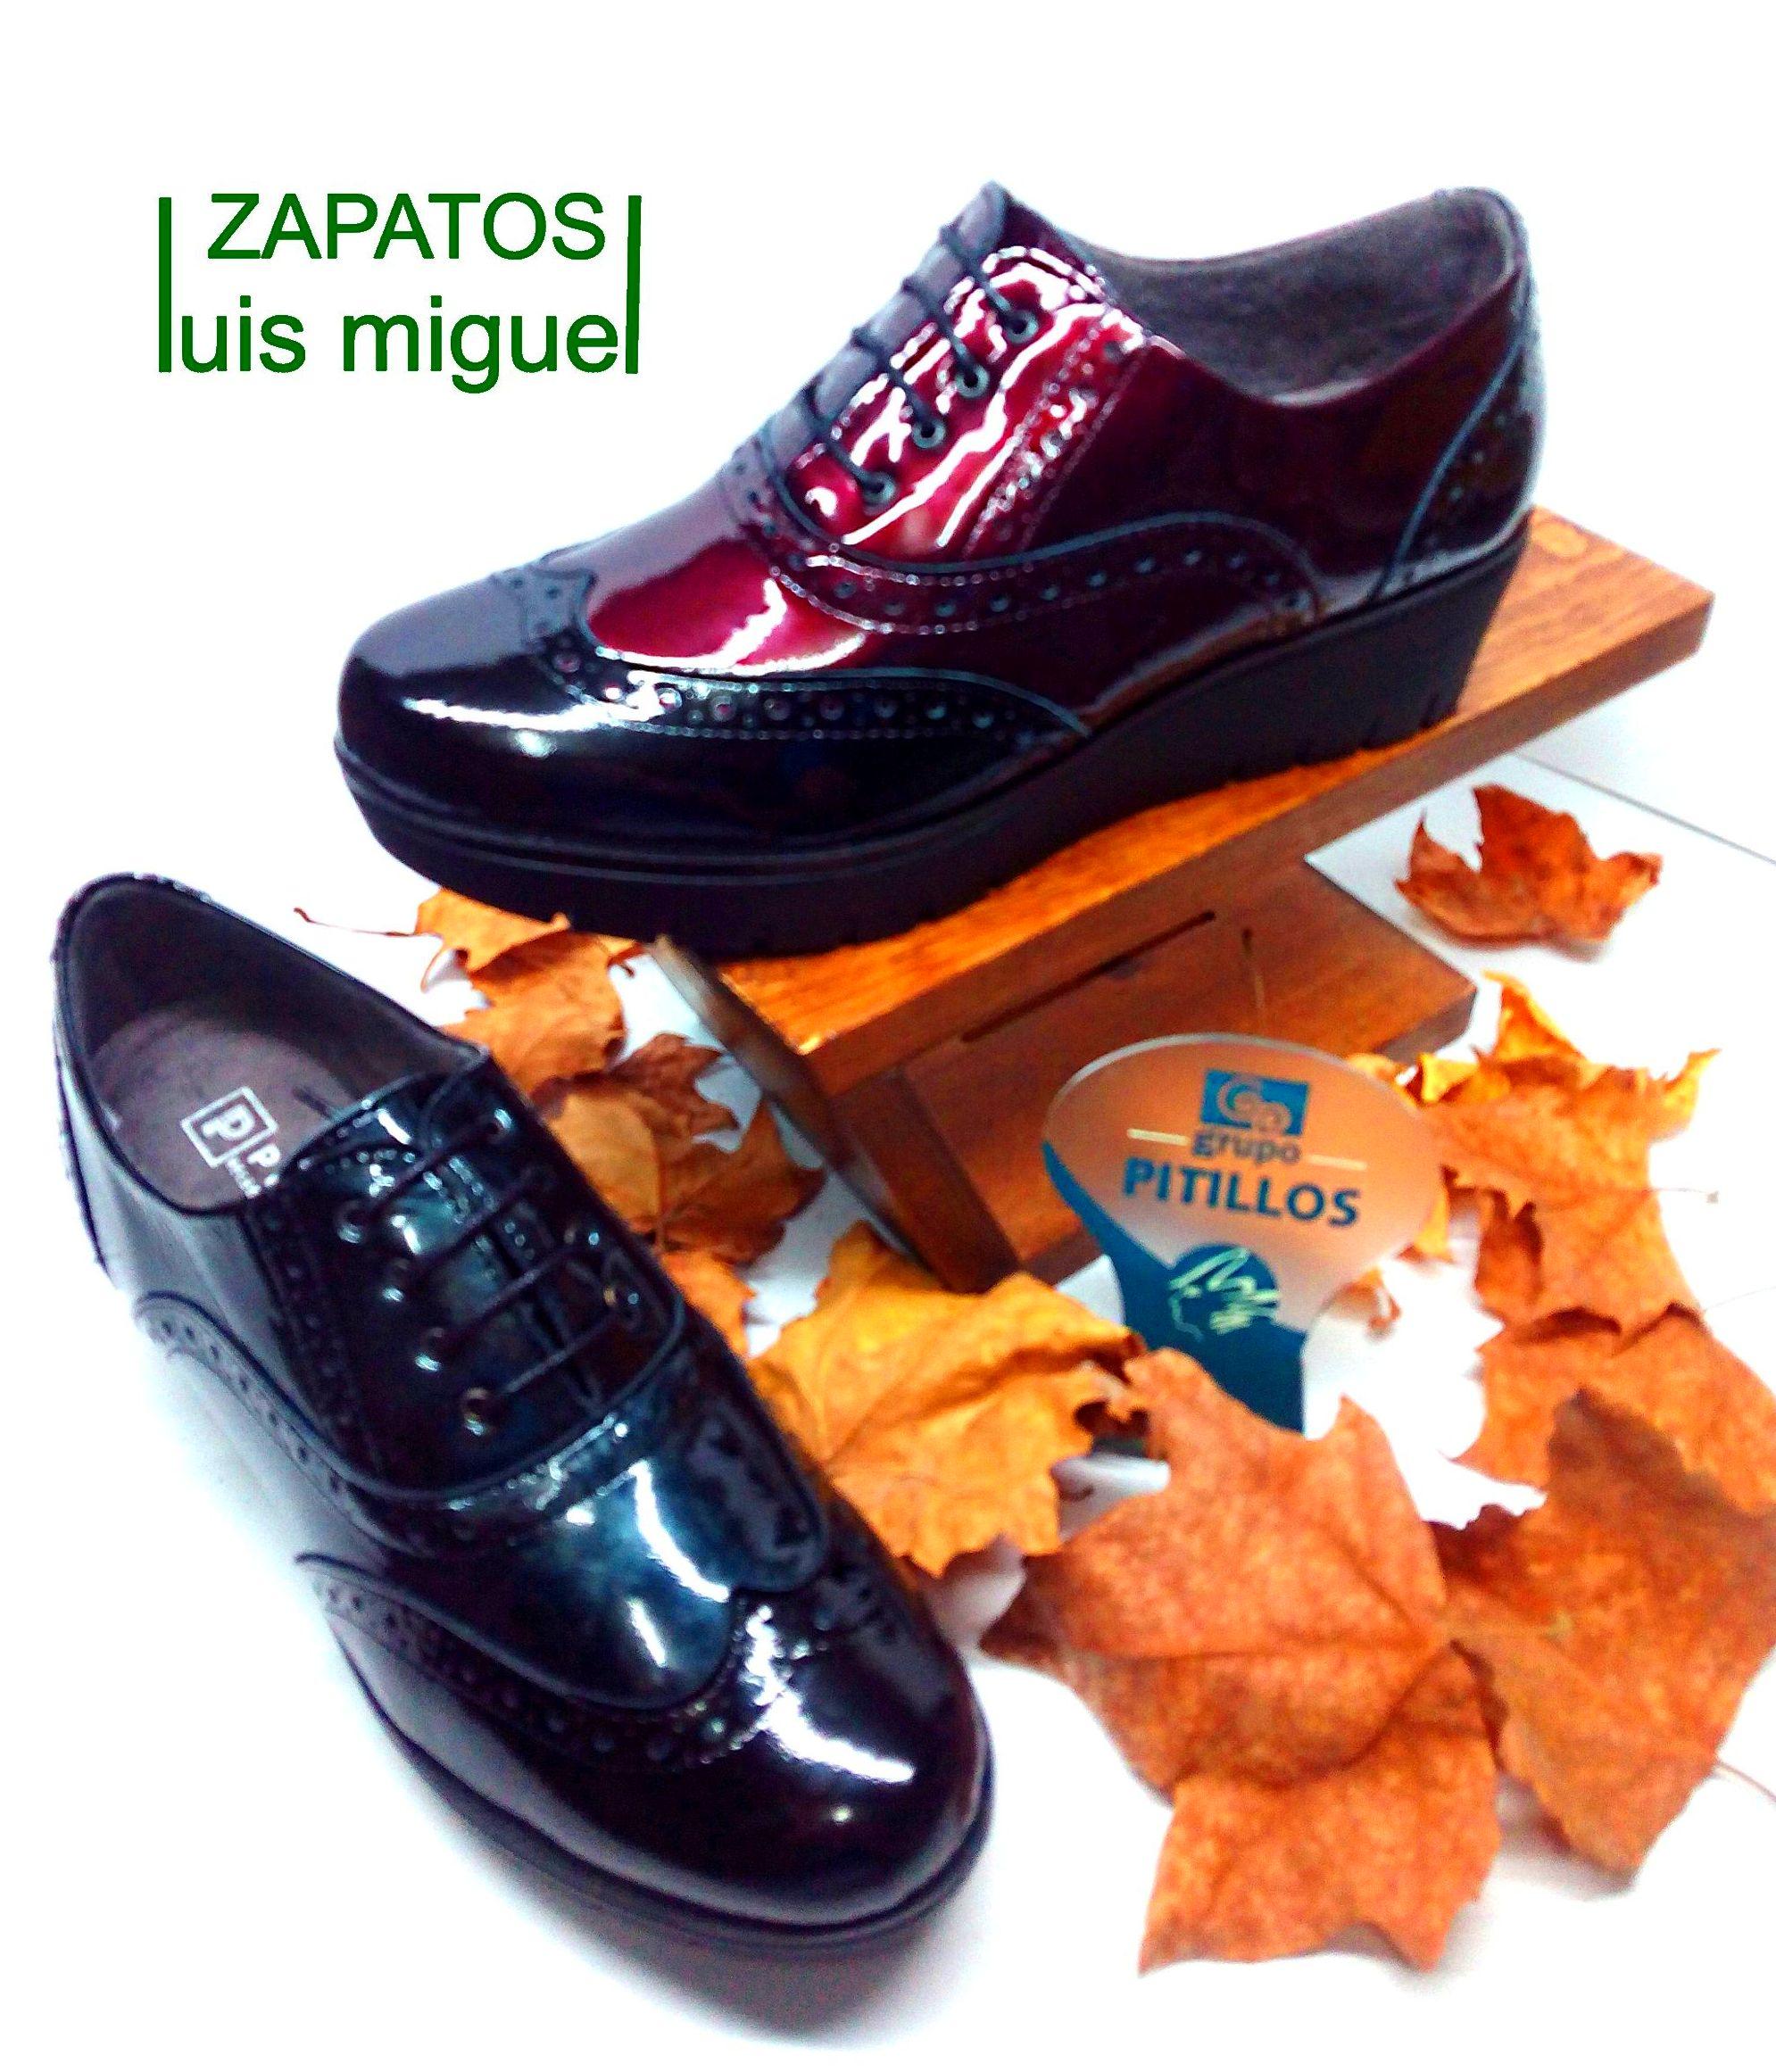 zapatos de cordones: Catalogo de productos de Zapatos Luis Miguel